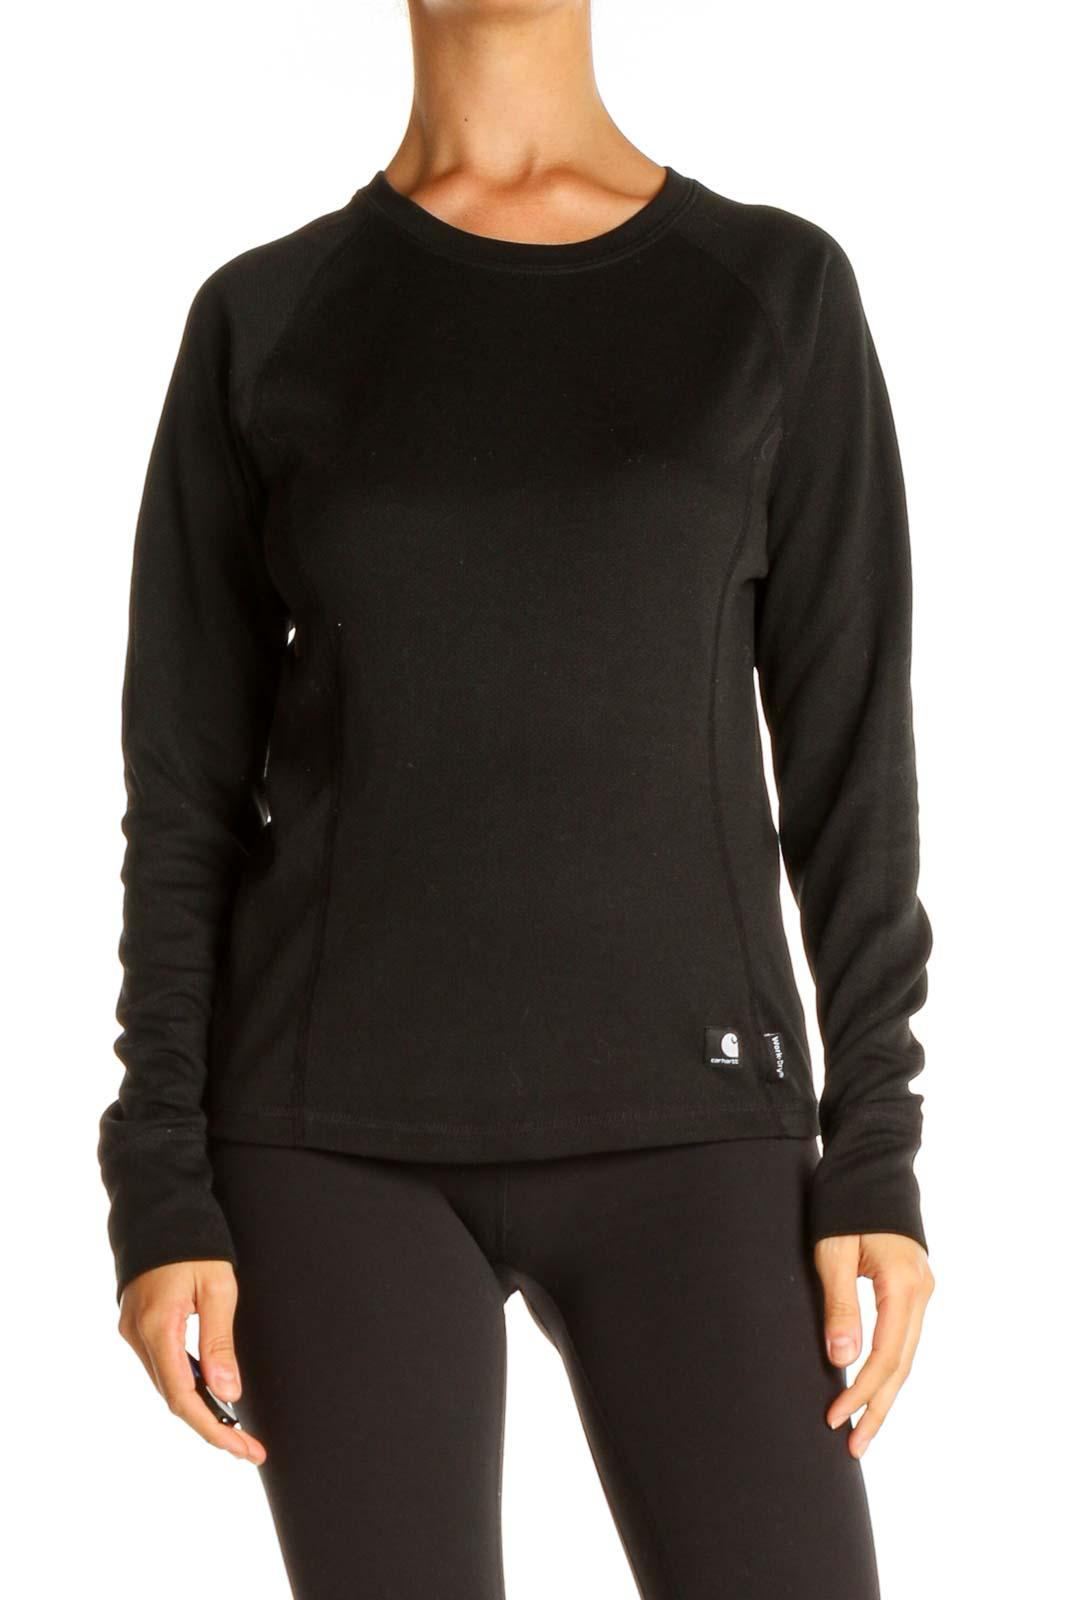 Black Activewear Top Front